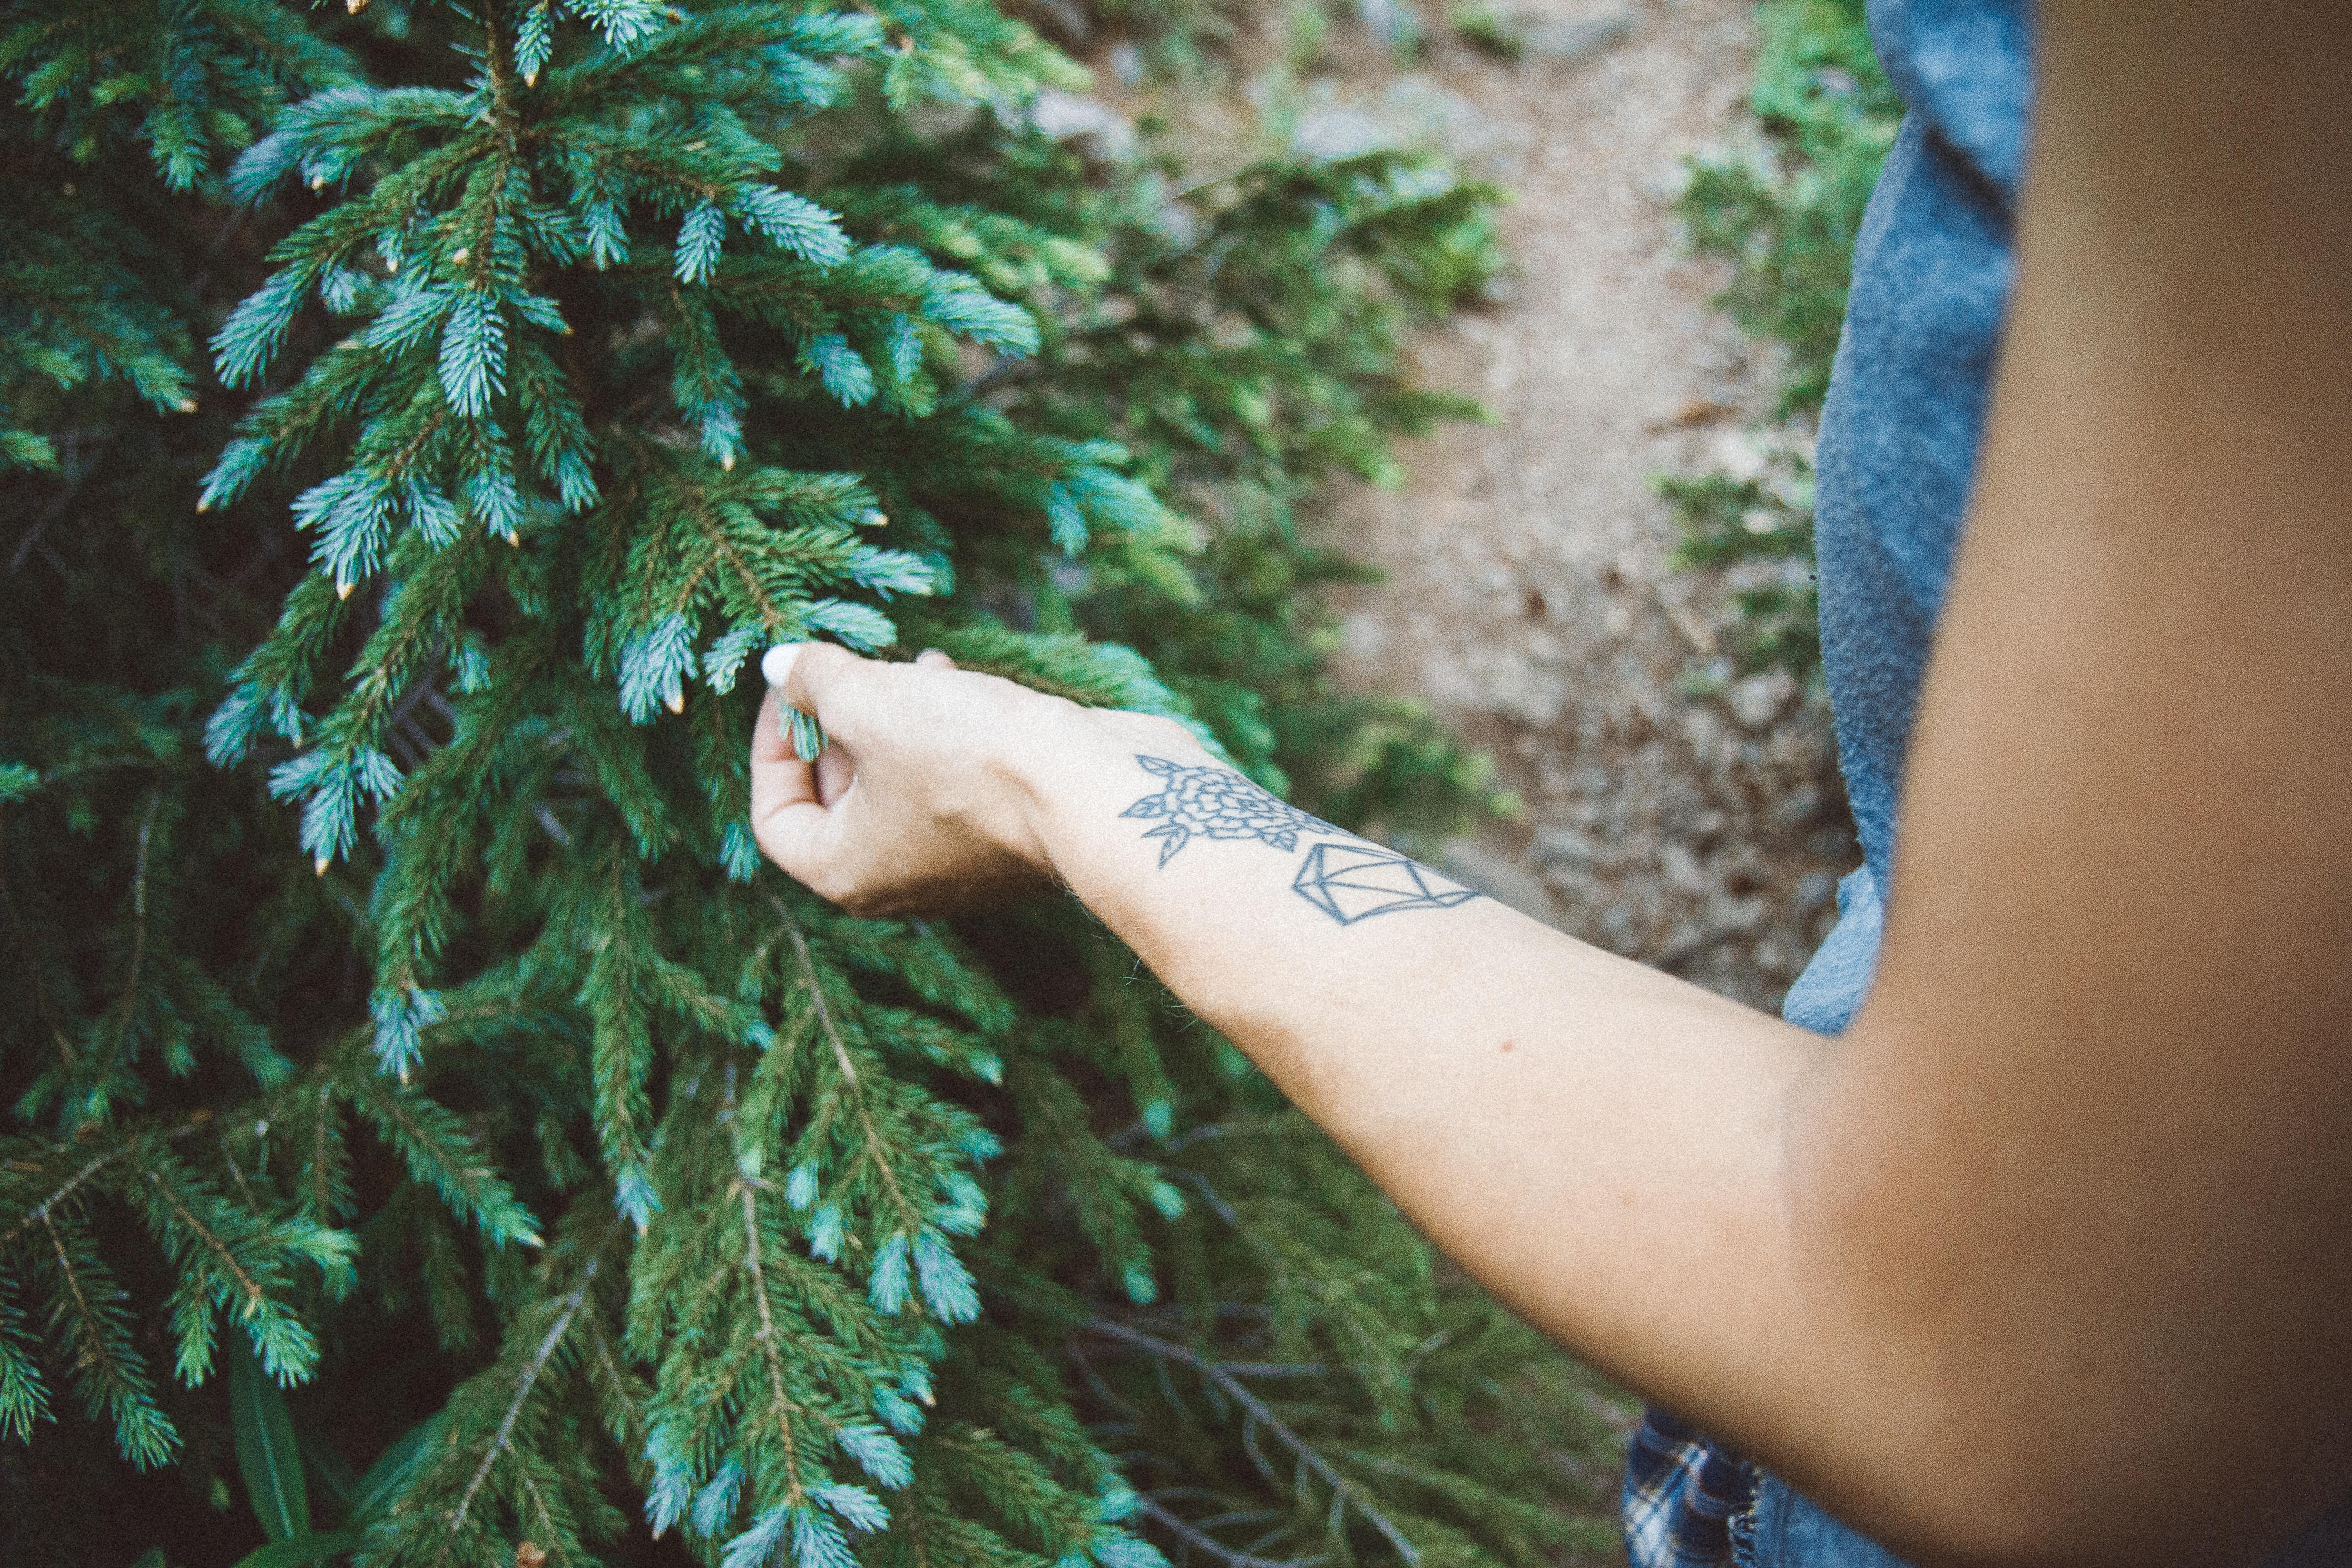 Fotos gratis : mano, árbol, naturaleza, césped, rama, planta, niña ...